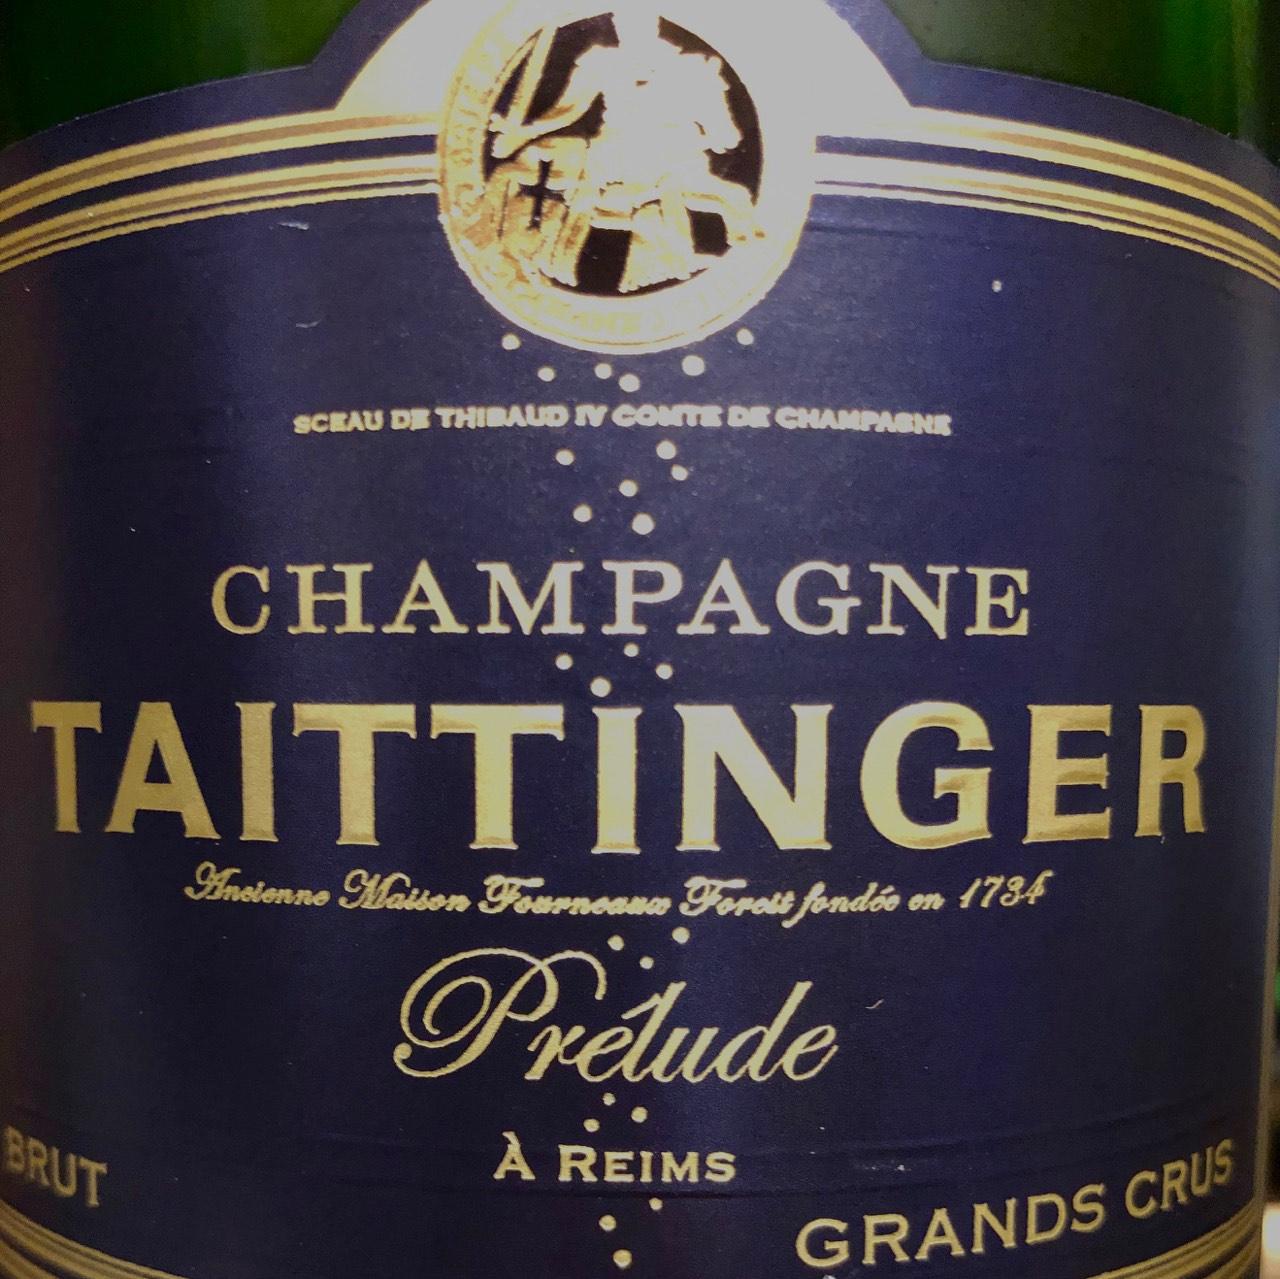 Taittinger Prelude Grands Crus